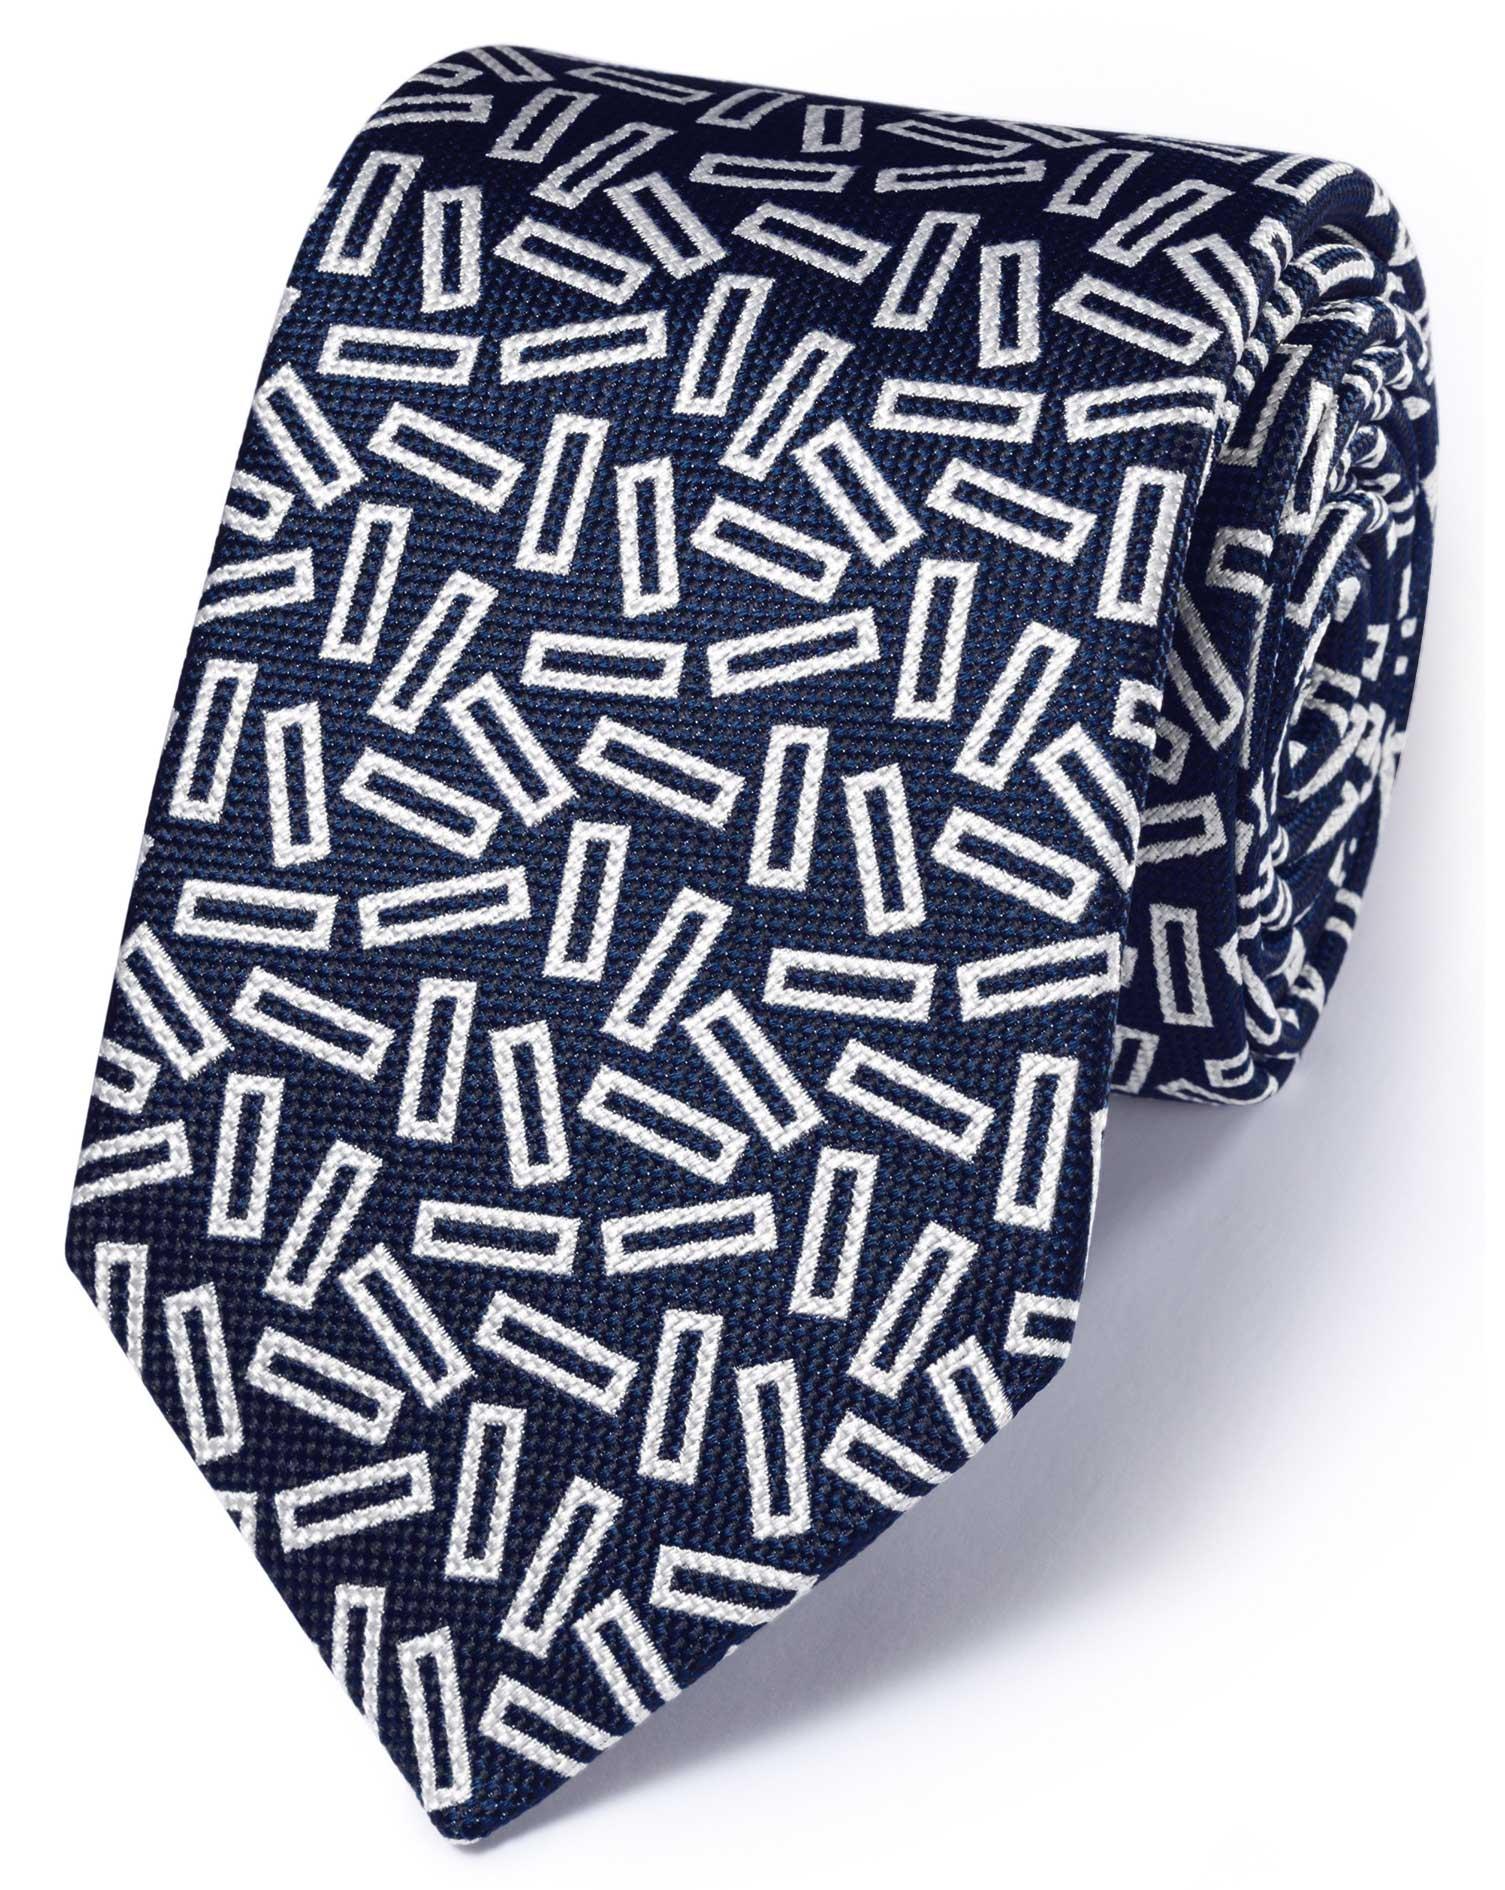 cravate de luxe bleu roi et blanche en soie anglaise fil fil charles tyrwhitt. Black Bedroom Furniture Sets. Home Design Ideas